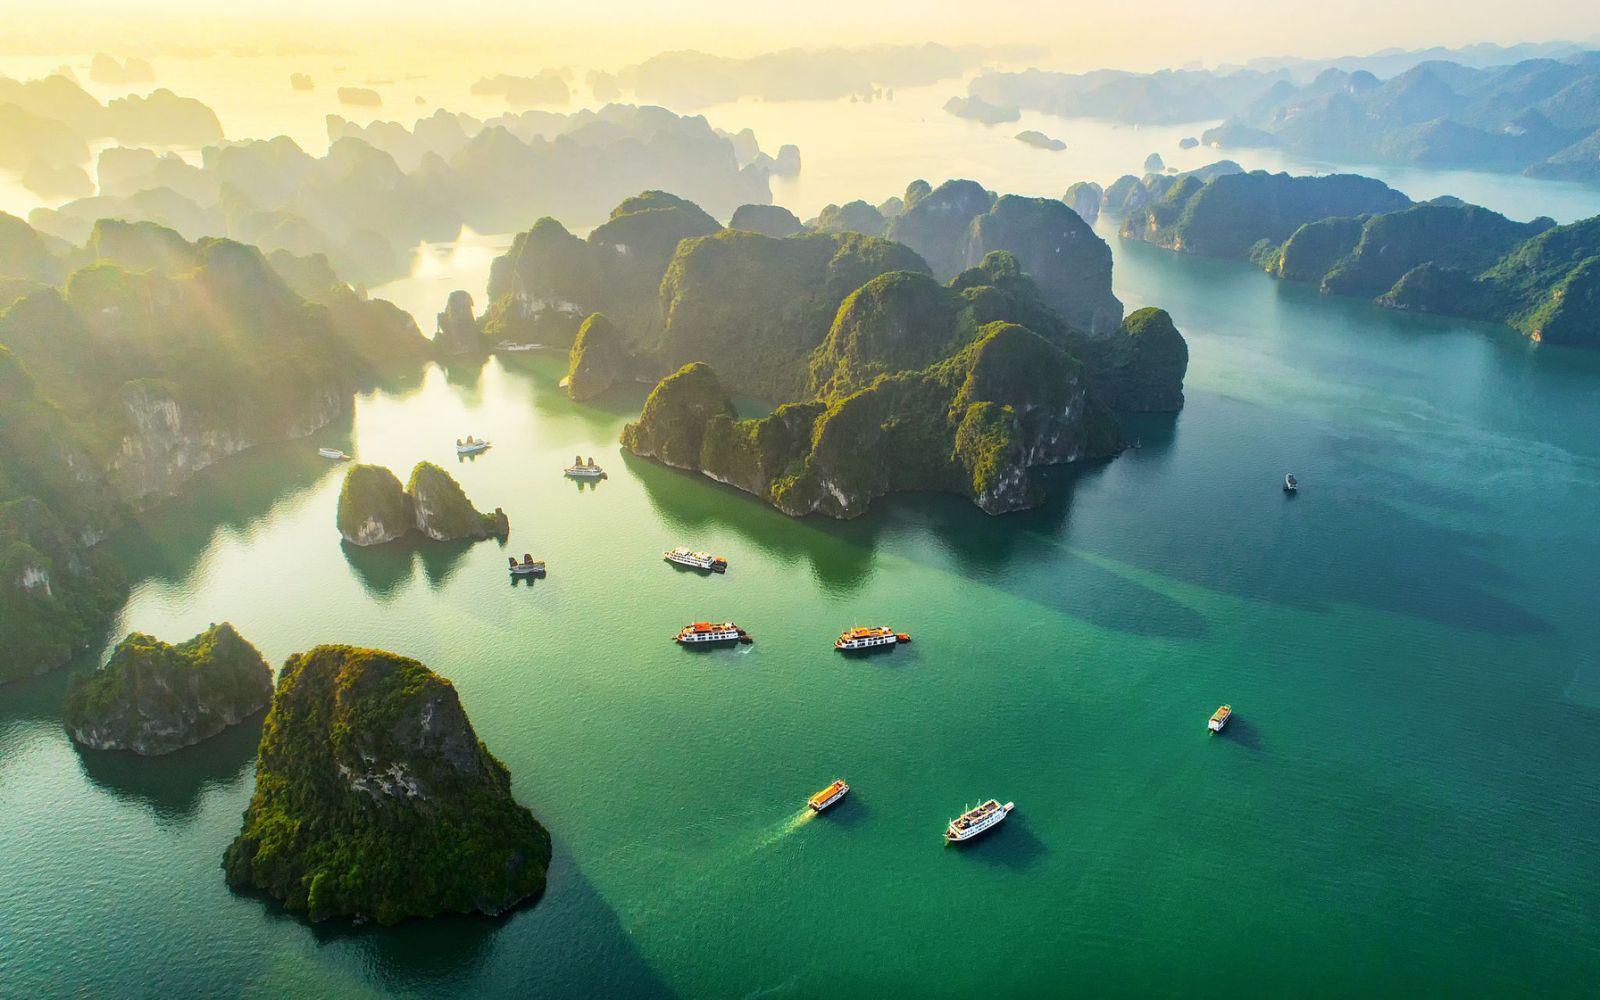 Best Western Premier Sapphire Ha Long được săn đón nhờ đòn bẩy du lịch nội địa Quảng Ninh - Ảnh 1.